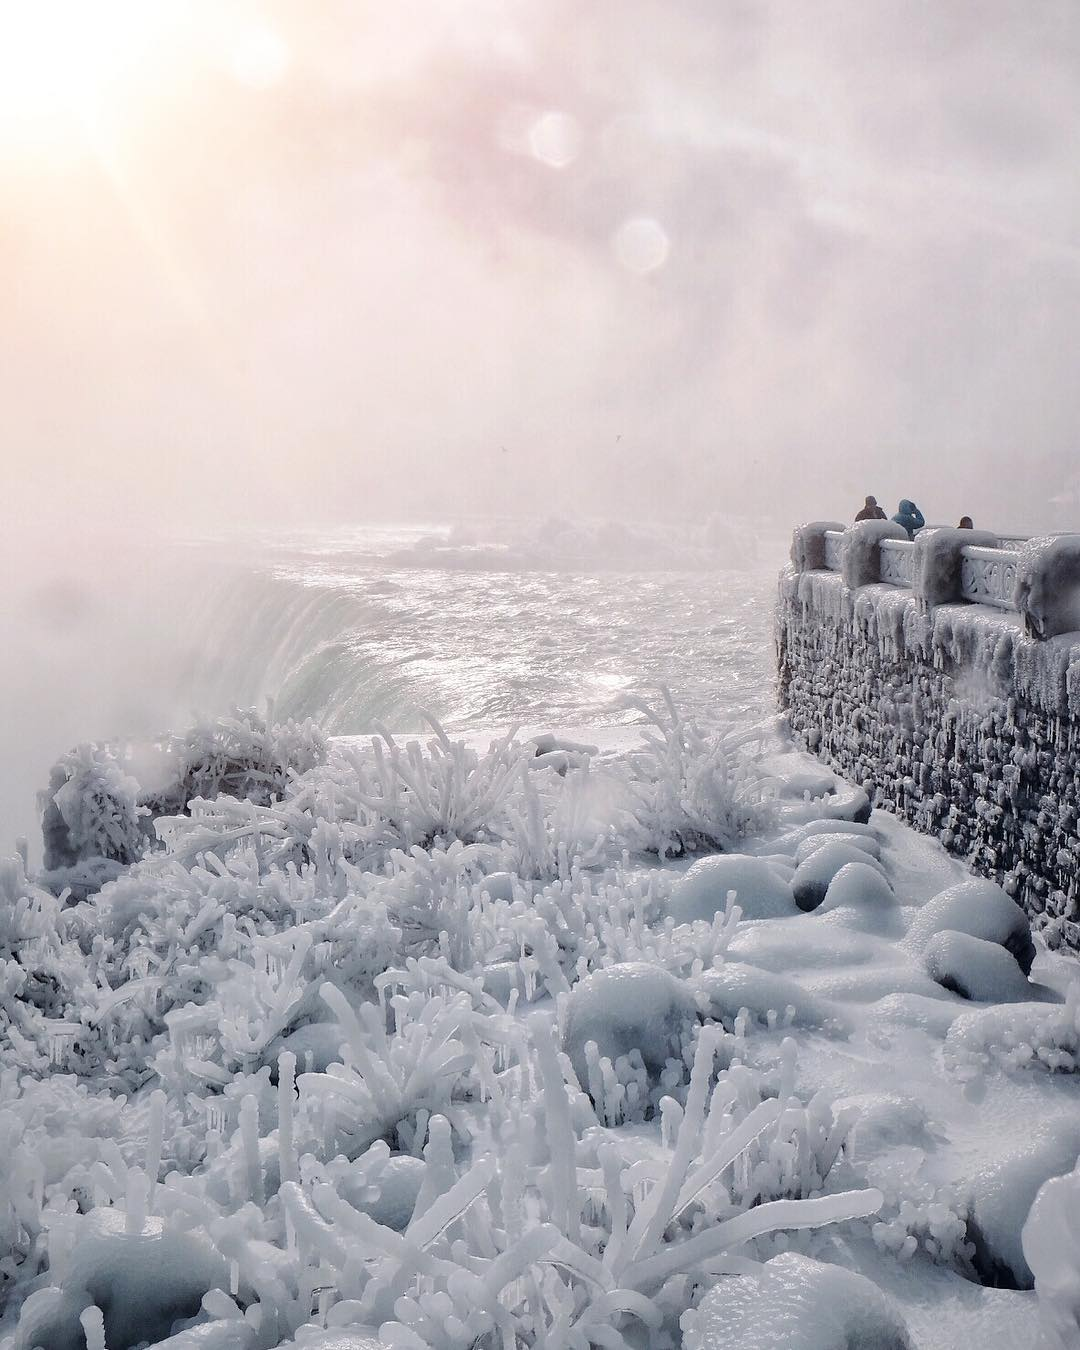 Μαγικό σκηνικό: Πάγωσαν οι καταρράκτες του Νιαγάρα! Φωτό+Βίντεο